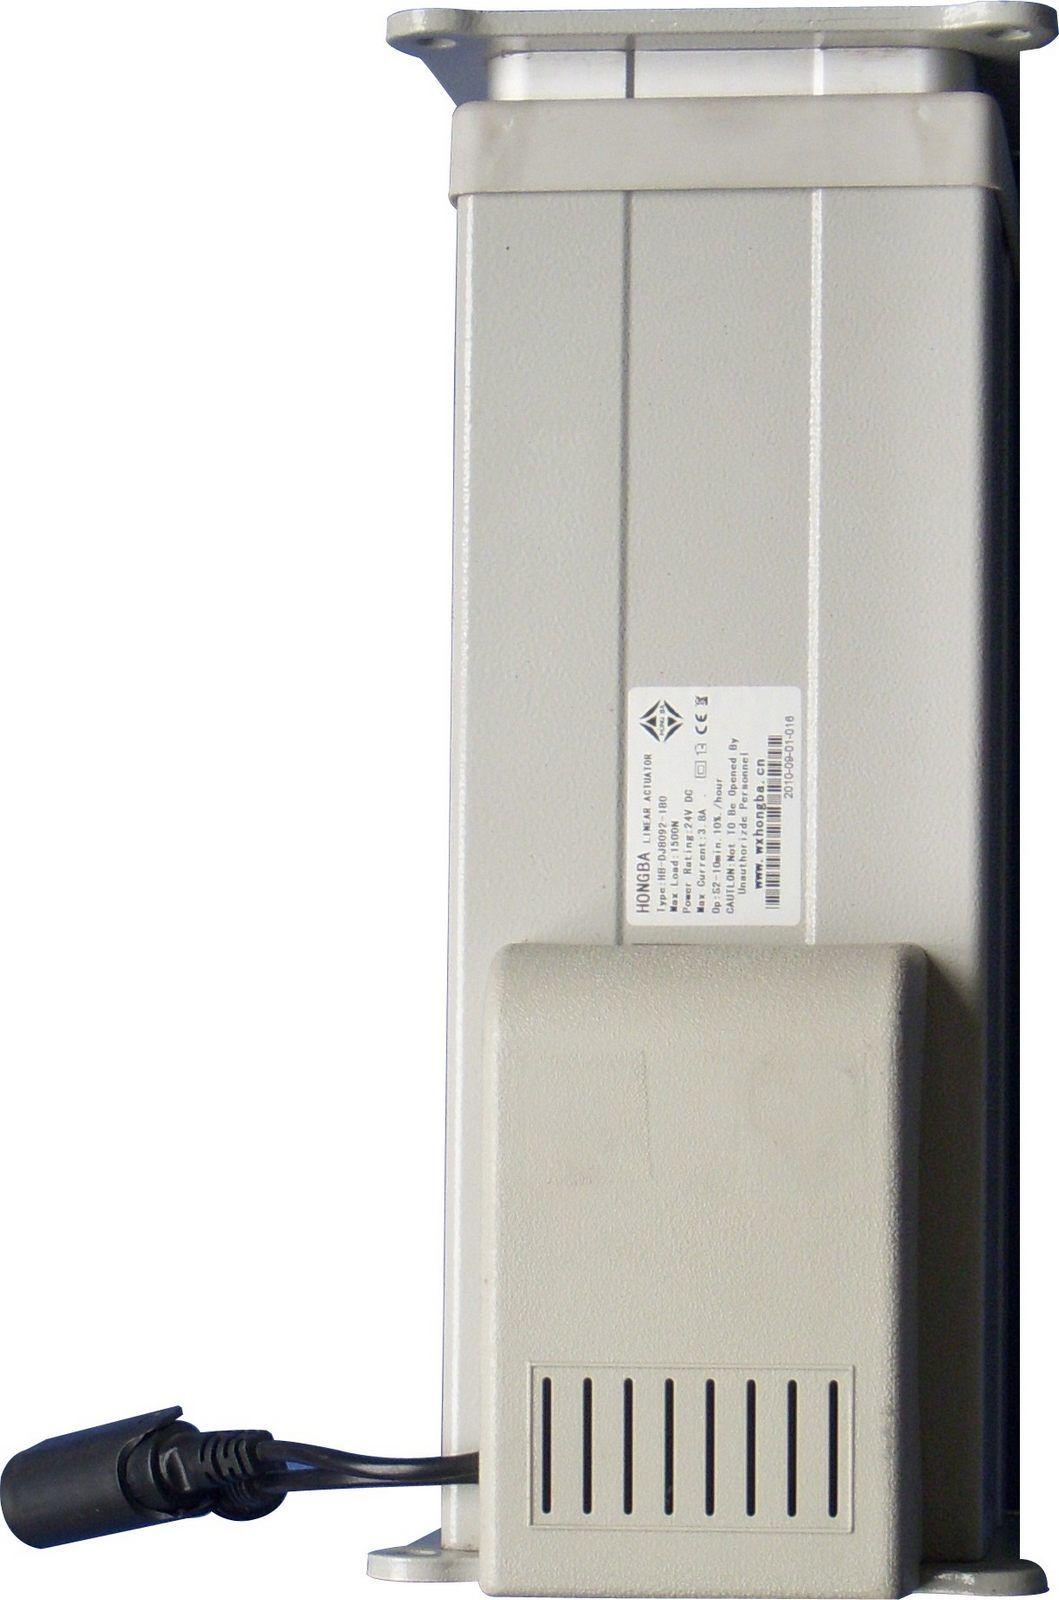 DC 12V 24V Lifting Column Lift Column Medical Lifting Column (DJ8091)